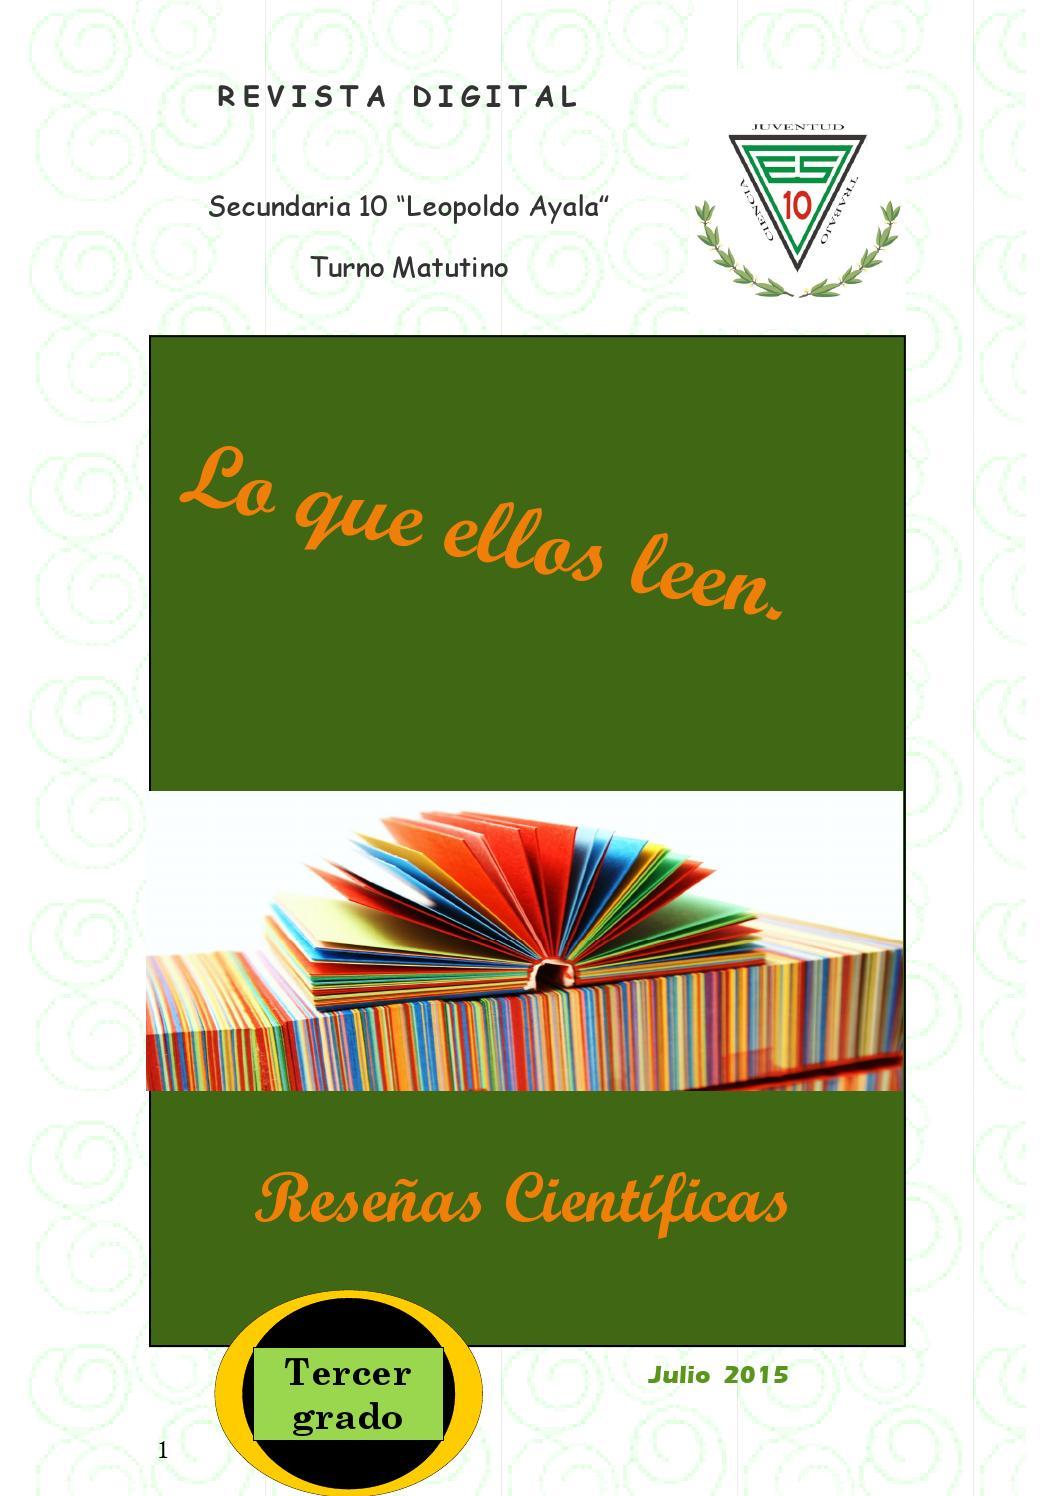 Lo que ellos leen by mario alberto espinosa corro issuu for Blanca lilia romero cenipalma